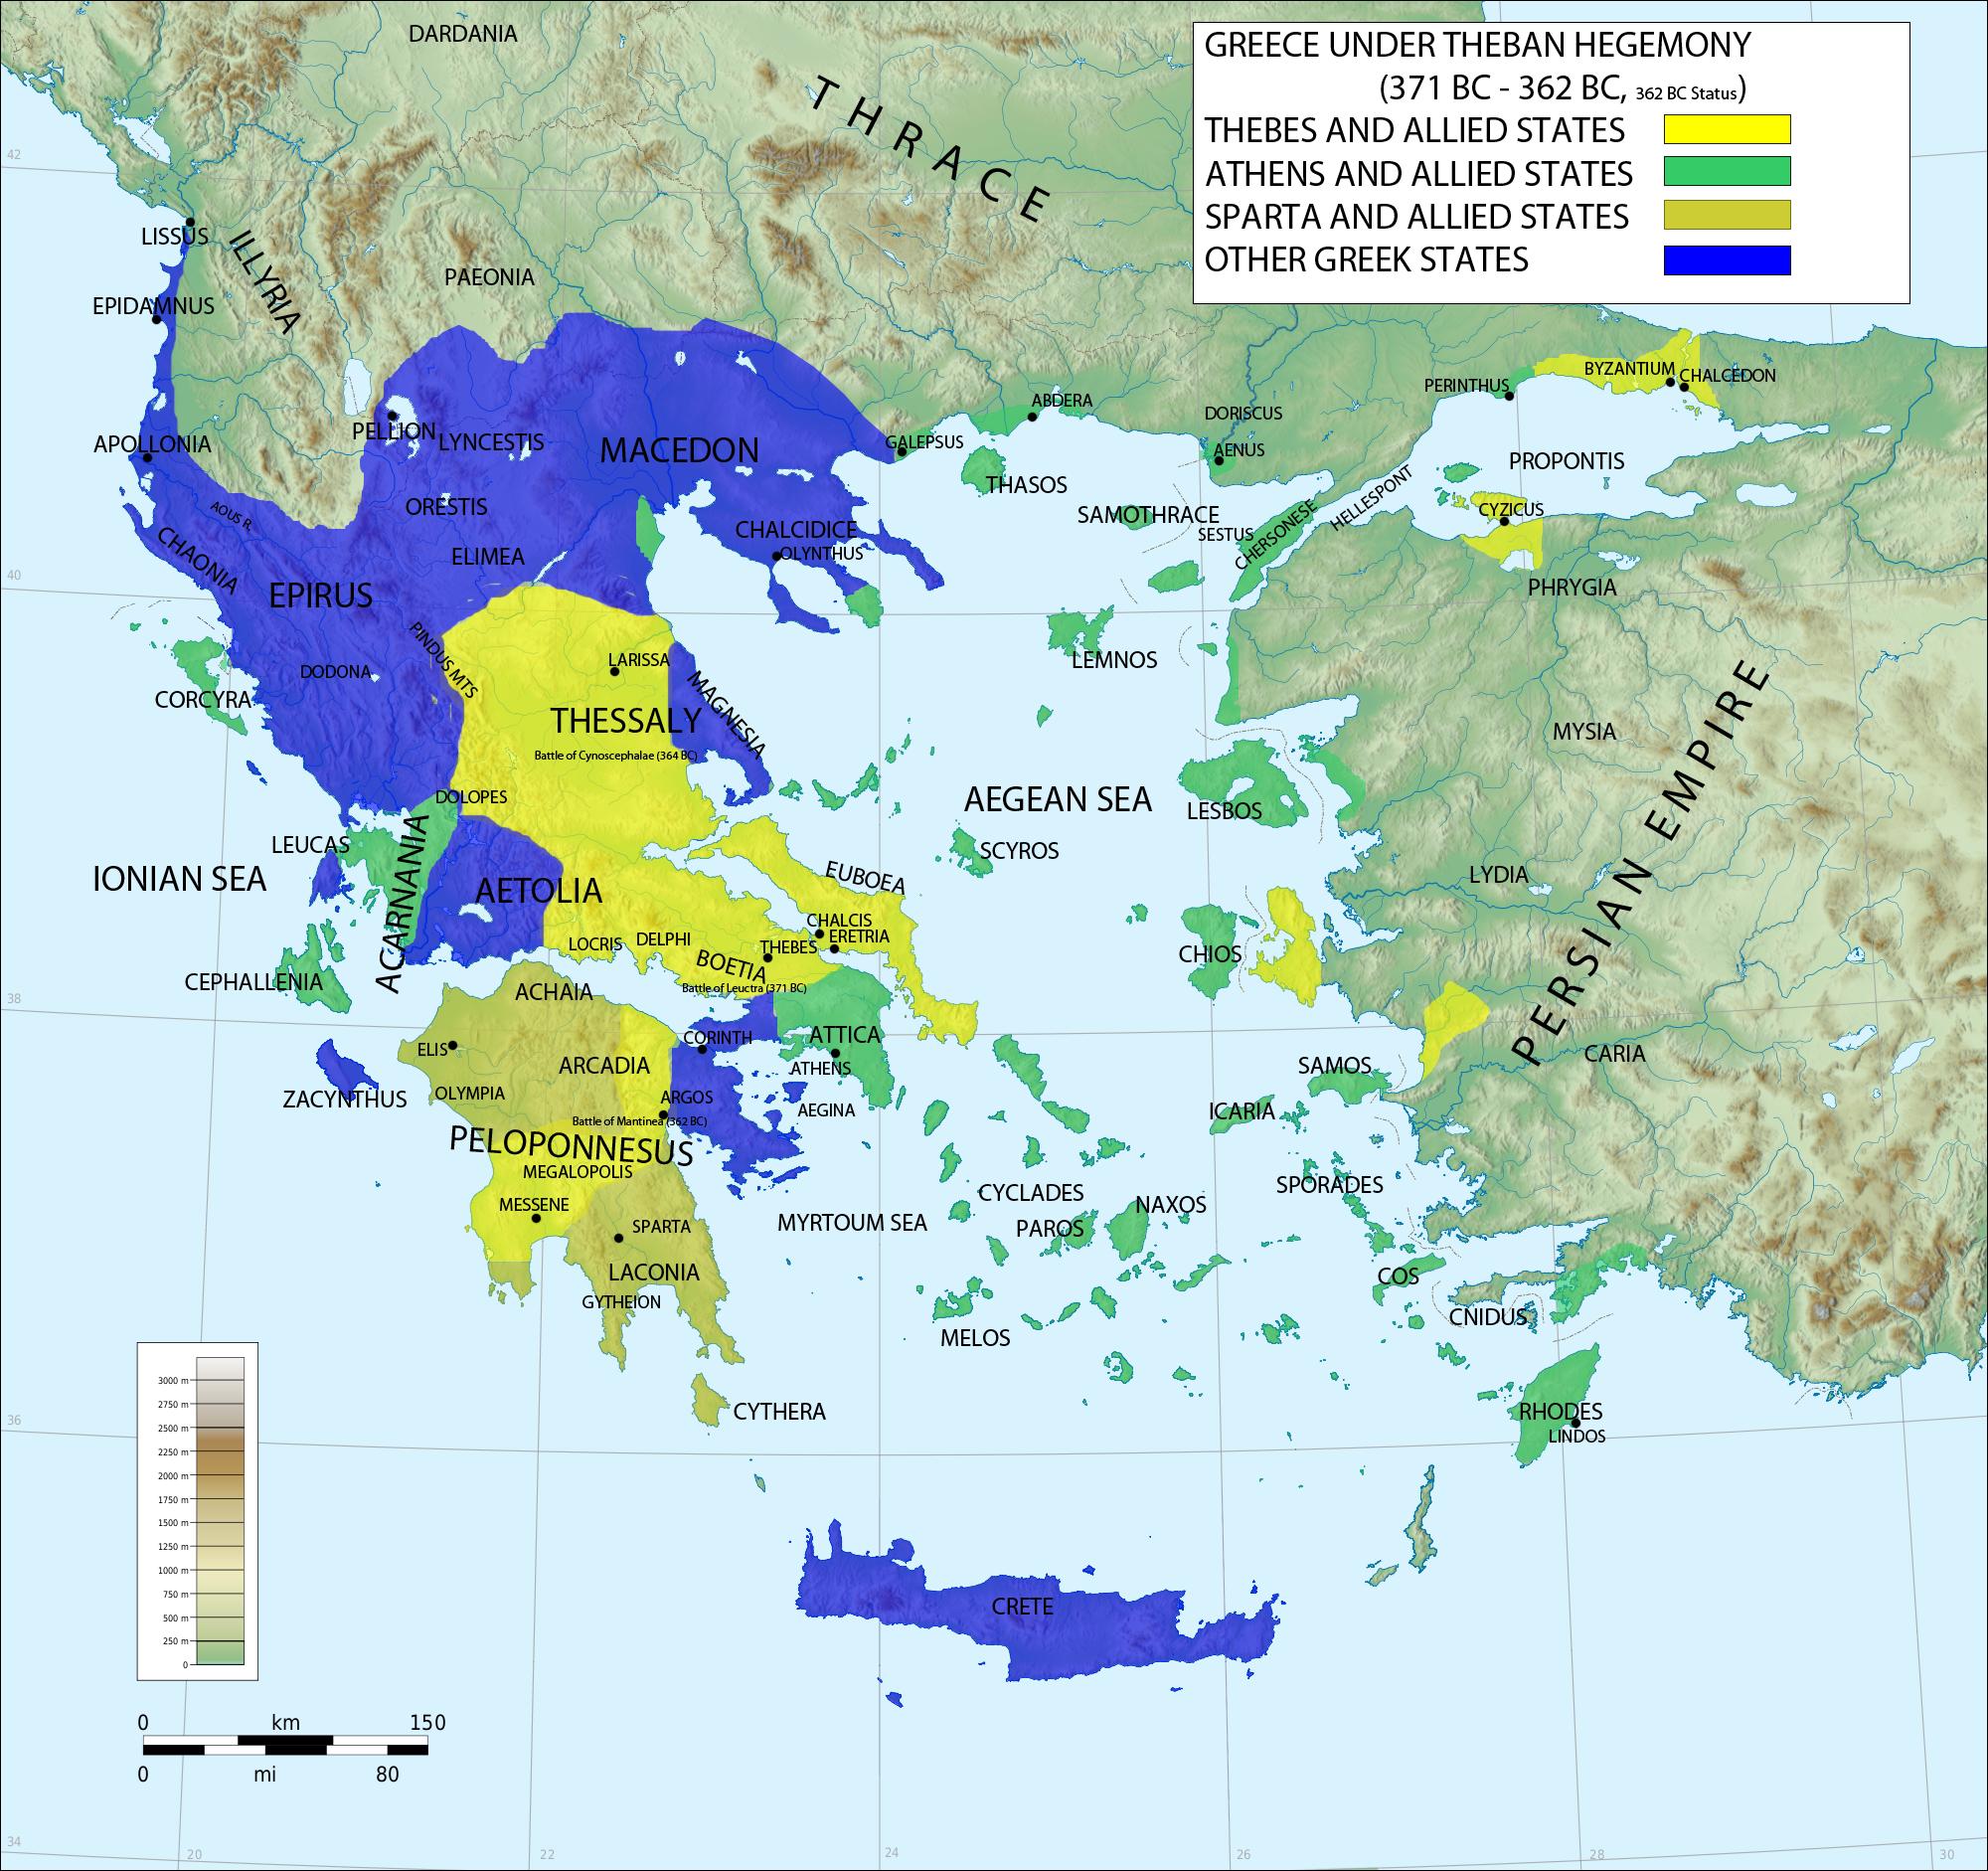 Η Ελλάδα την περίοδο της Θηβαϊκής ηγεμονίας